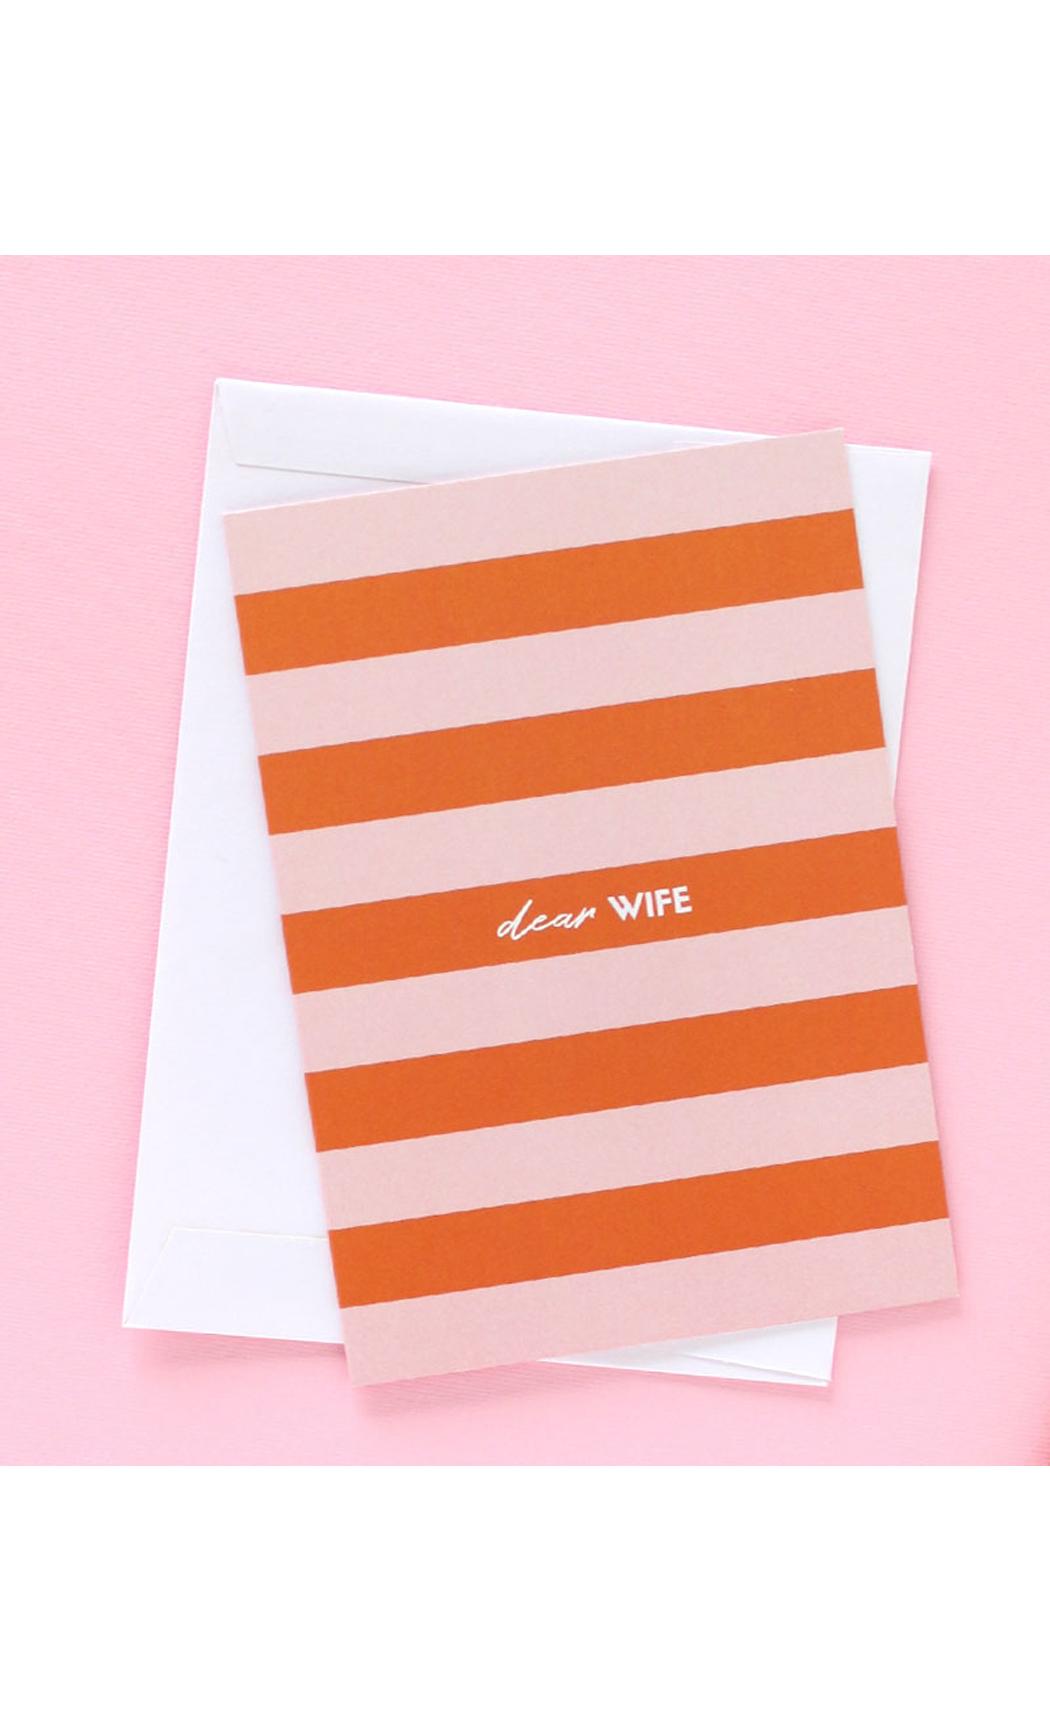 Dear Wife Greeting Card